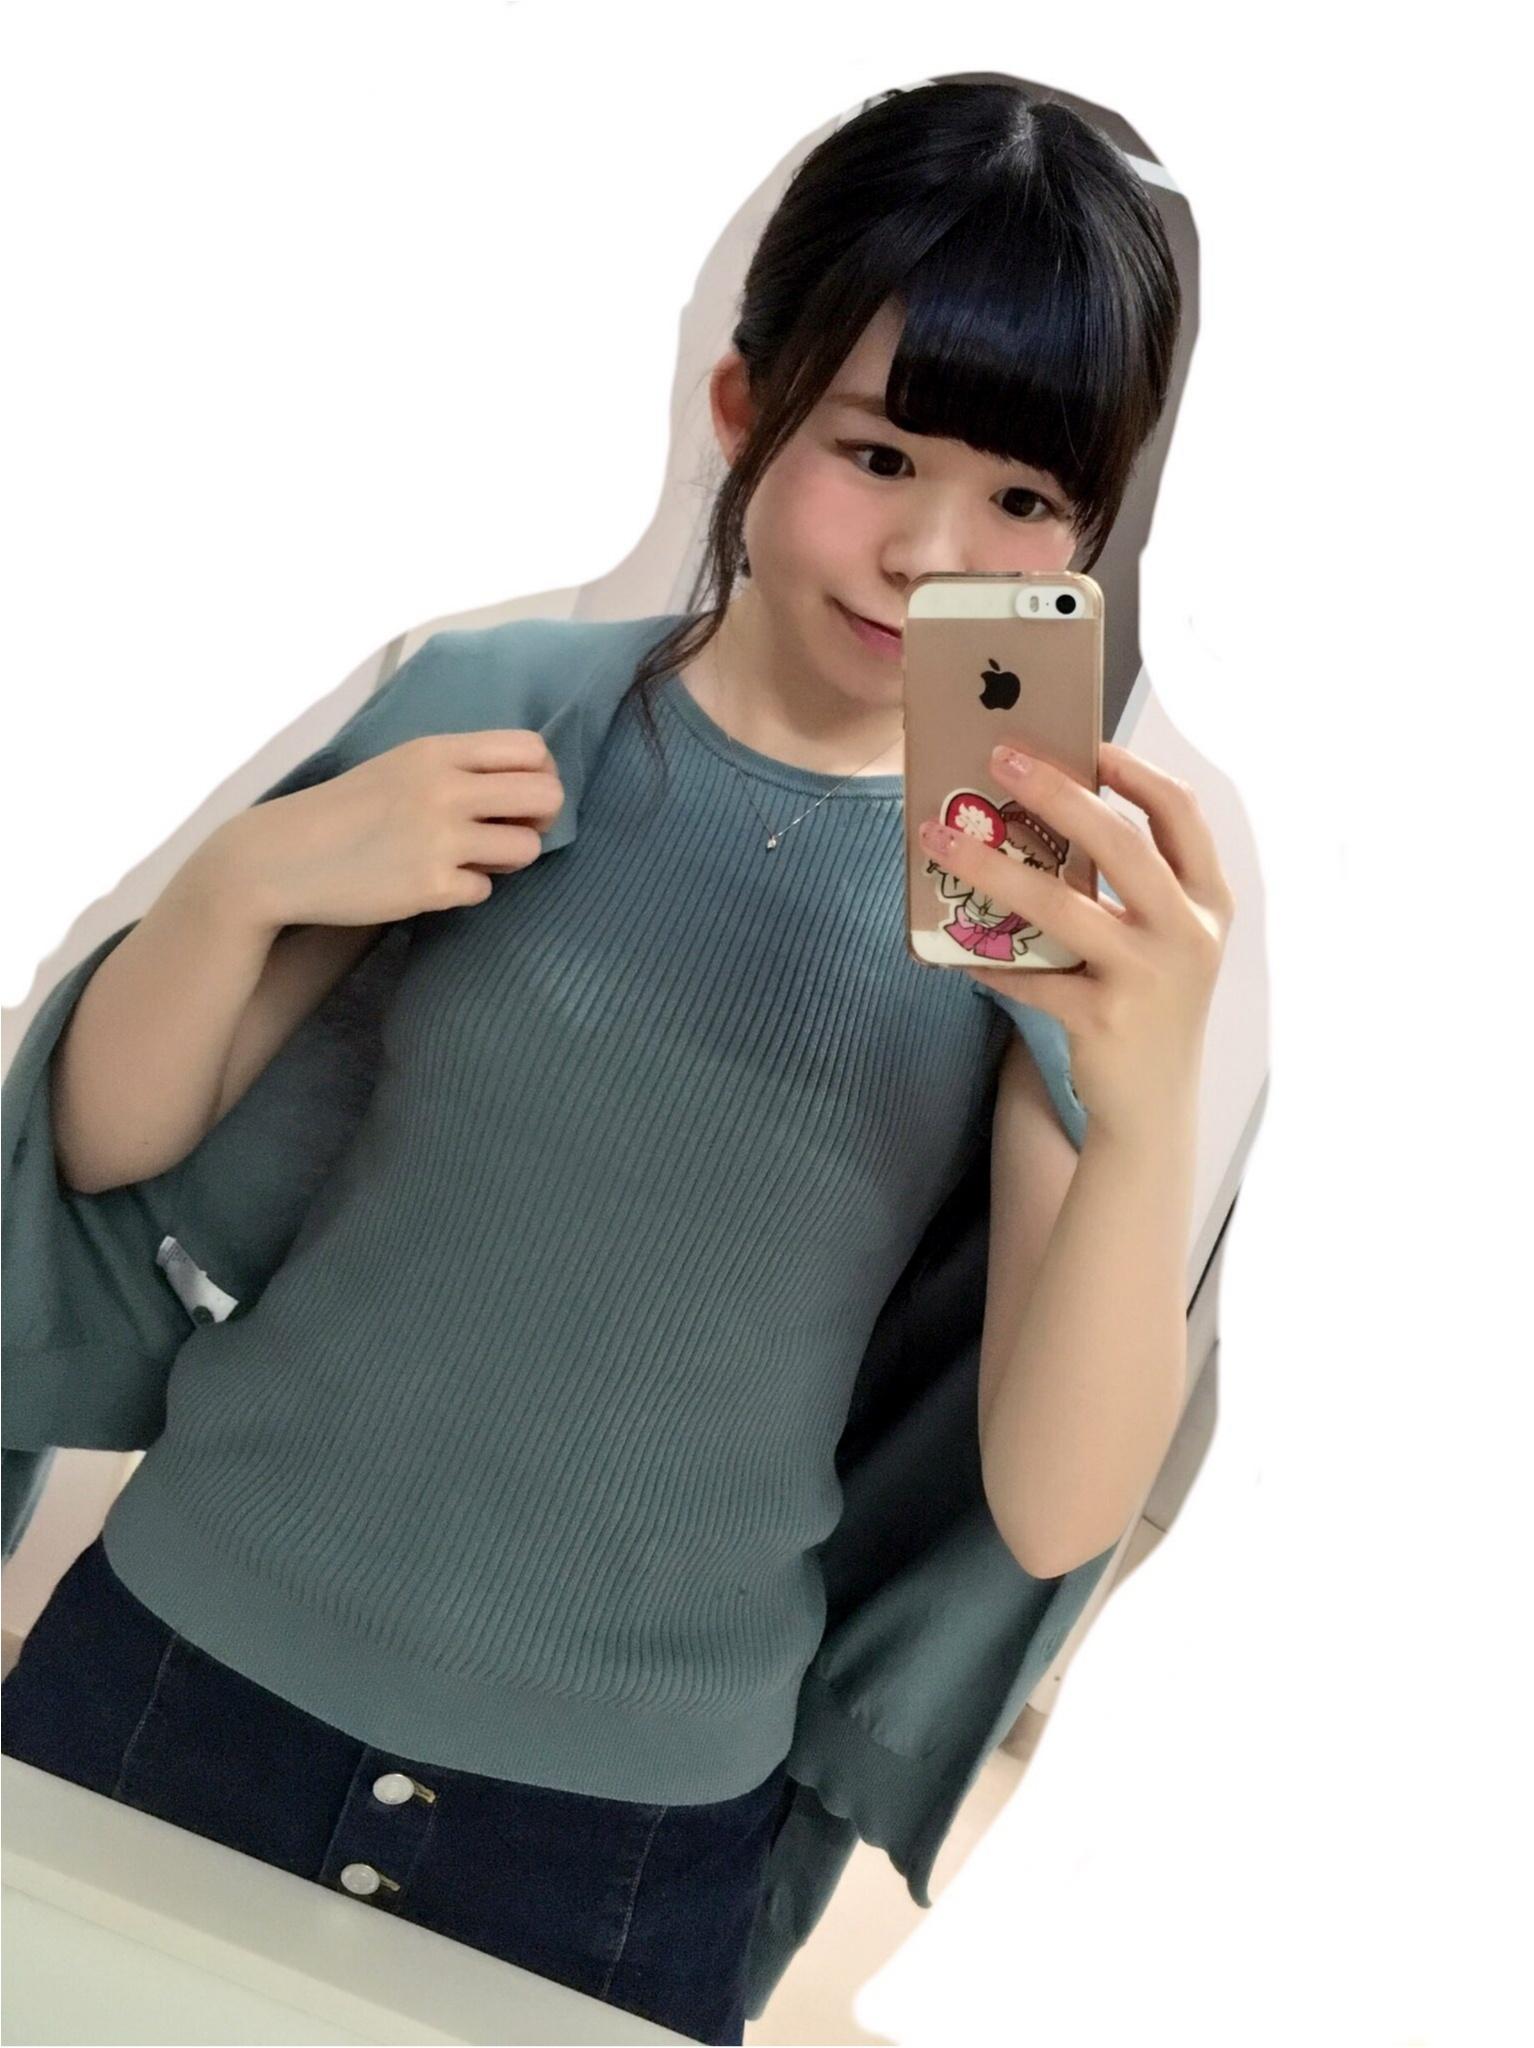 かわいいと評判♡【UNIQLO】のアンサンブルを着てみました!_2